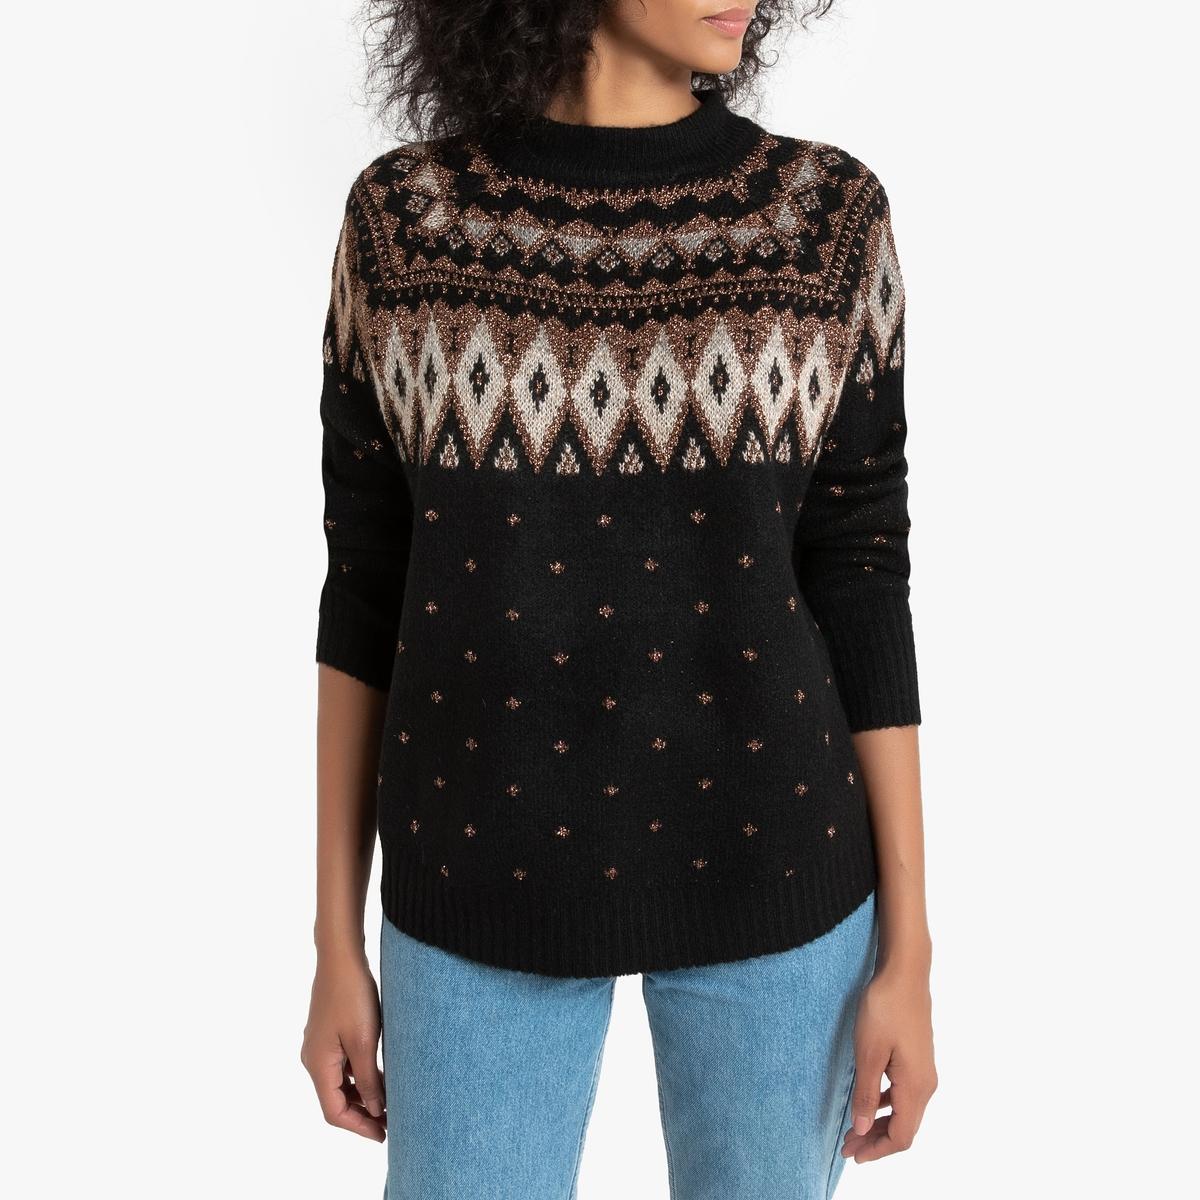 цена на Пуловер La Redoute С длинными рукавами круглым вырезом и жаккардовым рисунком M черный